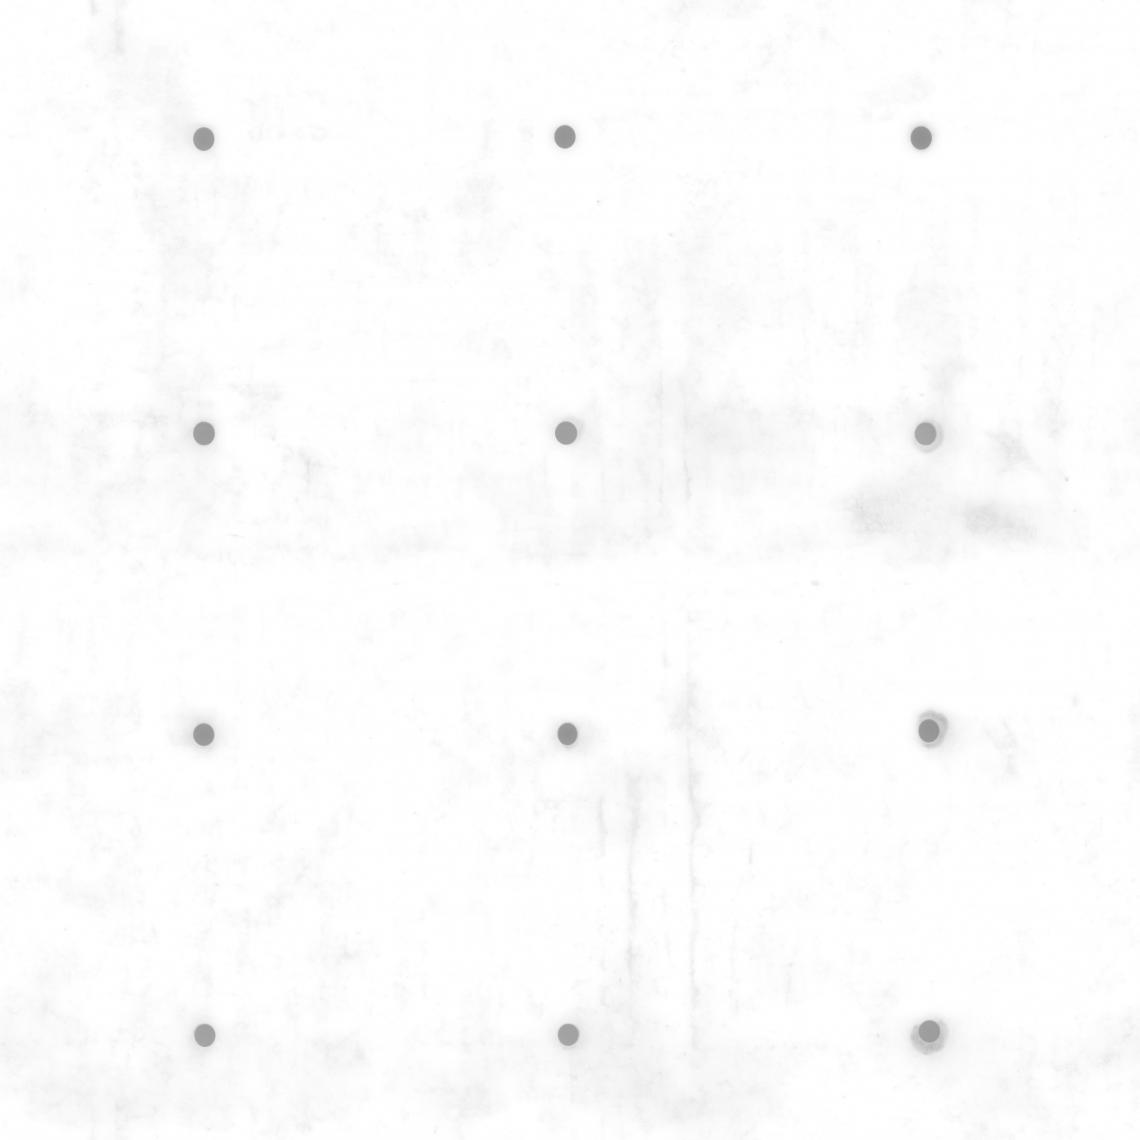 Plain-Concrete-01-Ambient-Occlusion